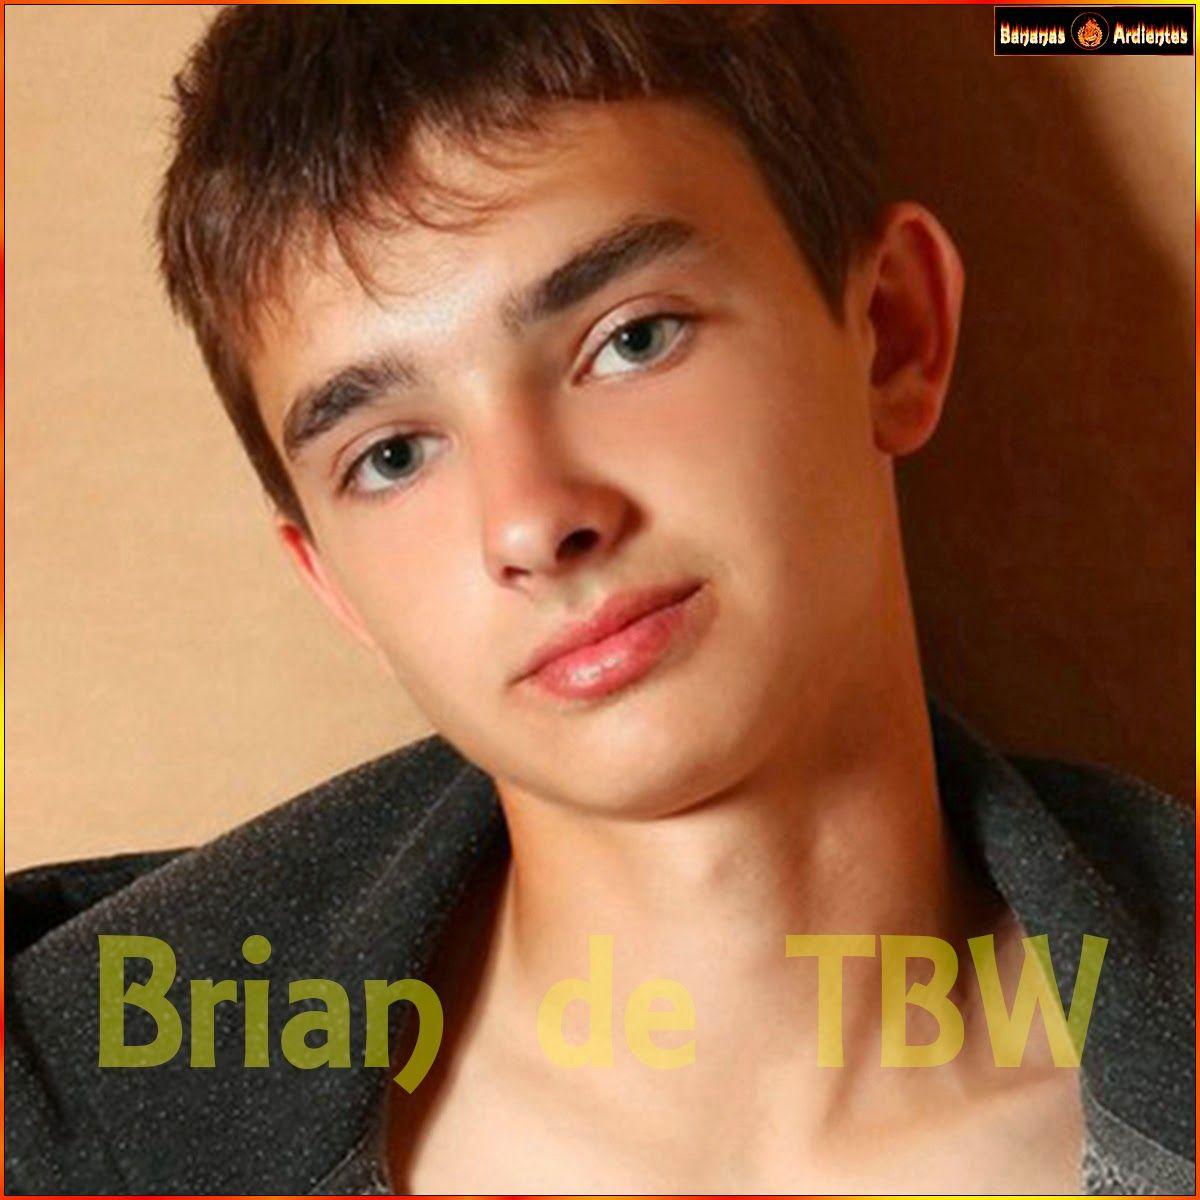 Bananas Ardientes: Brian de TB...